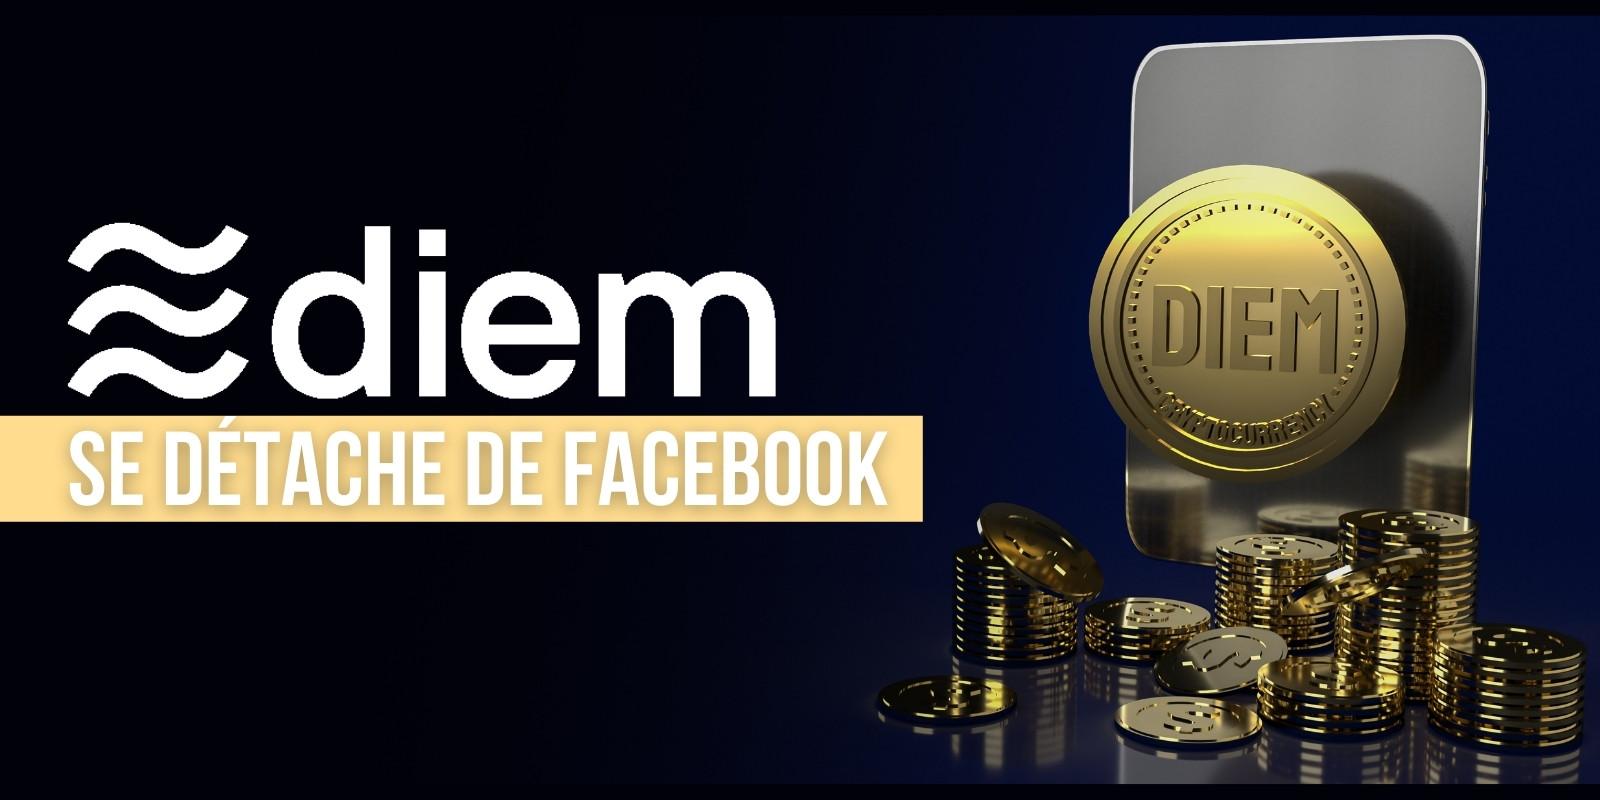 Diem: le stablecoin cherche à se démarquer de Facebook